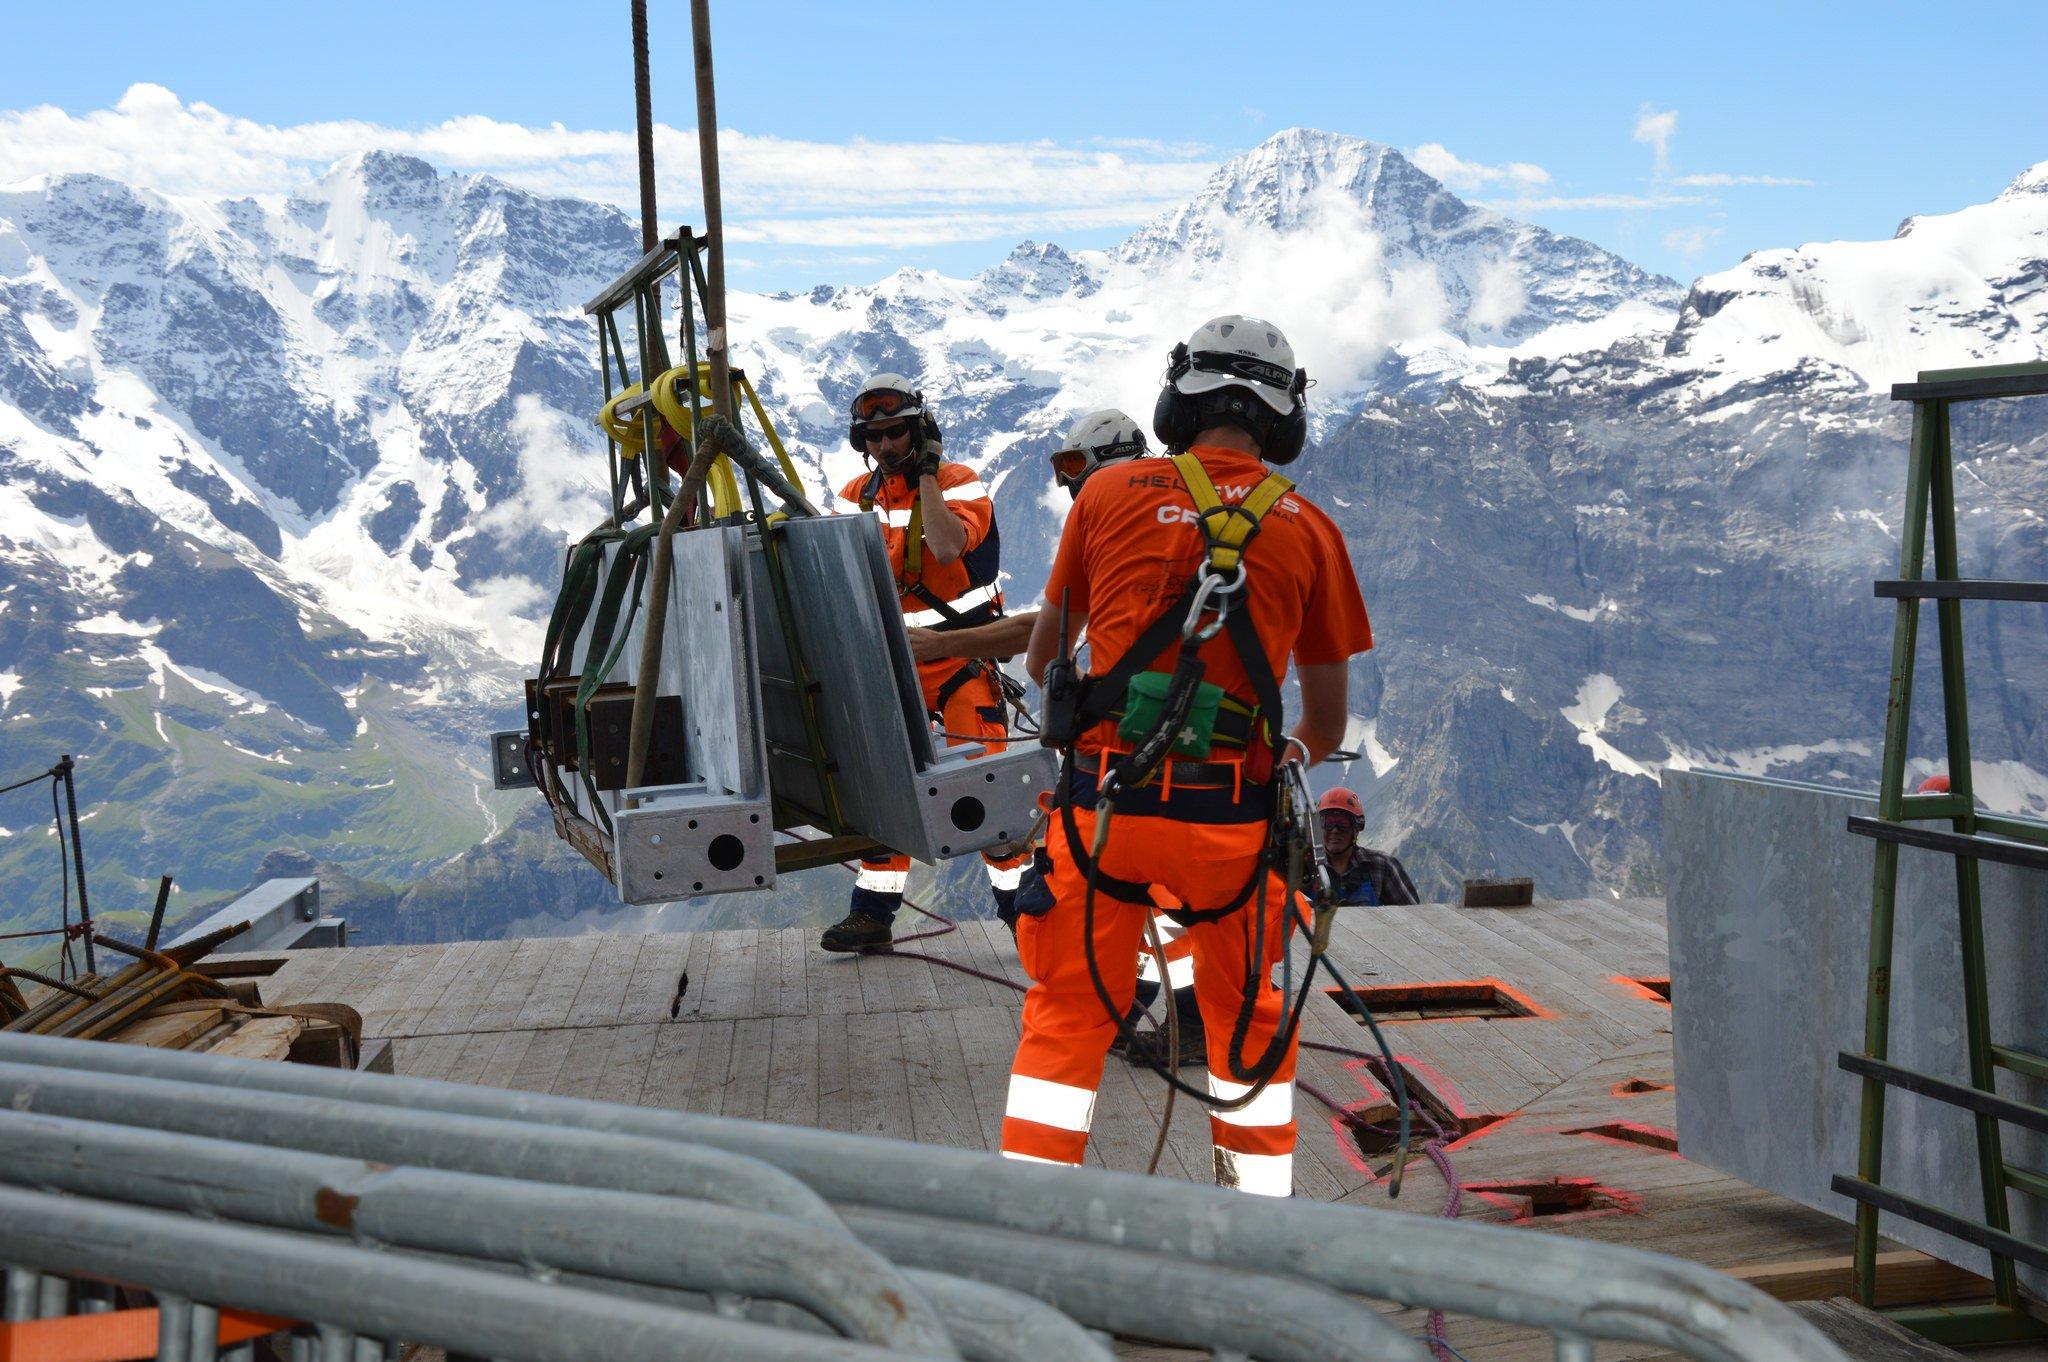 Die Stahlträger für den Skyline Walk am Schilthorn in 2677 Meter Höhebrachten Hubschrauber in Position.